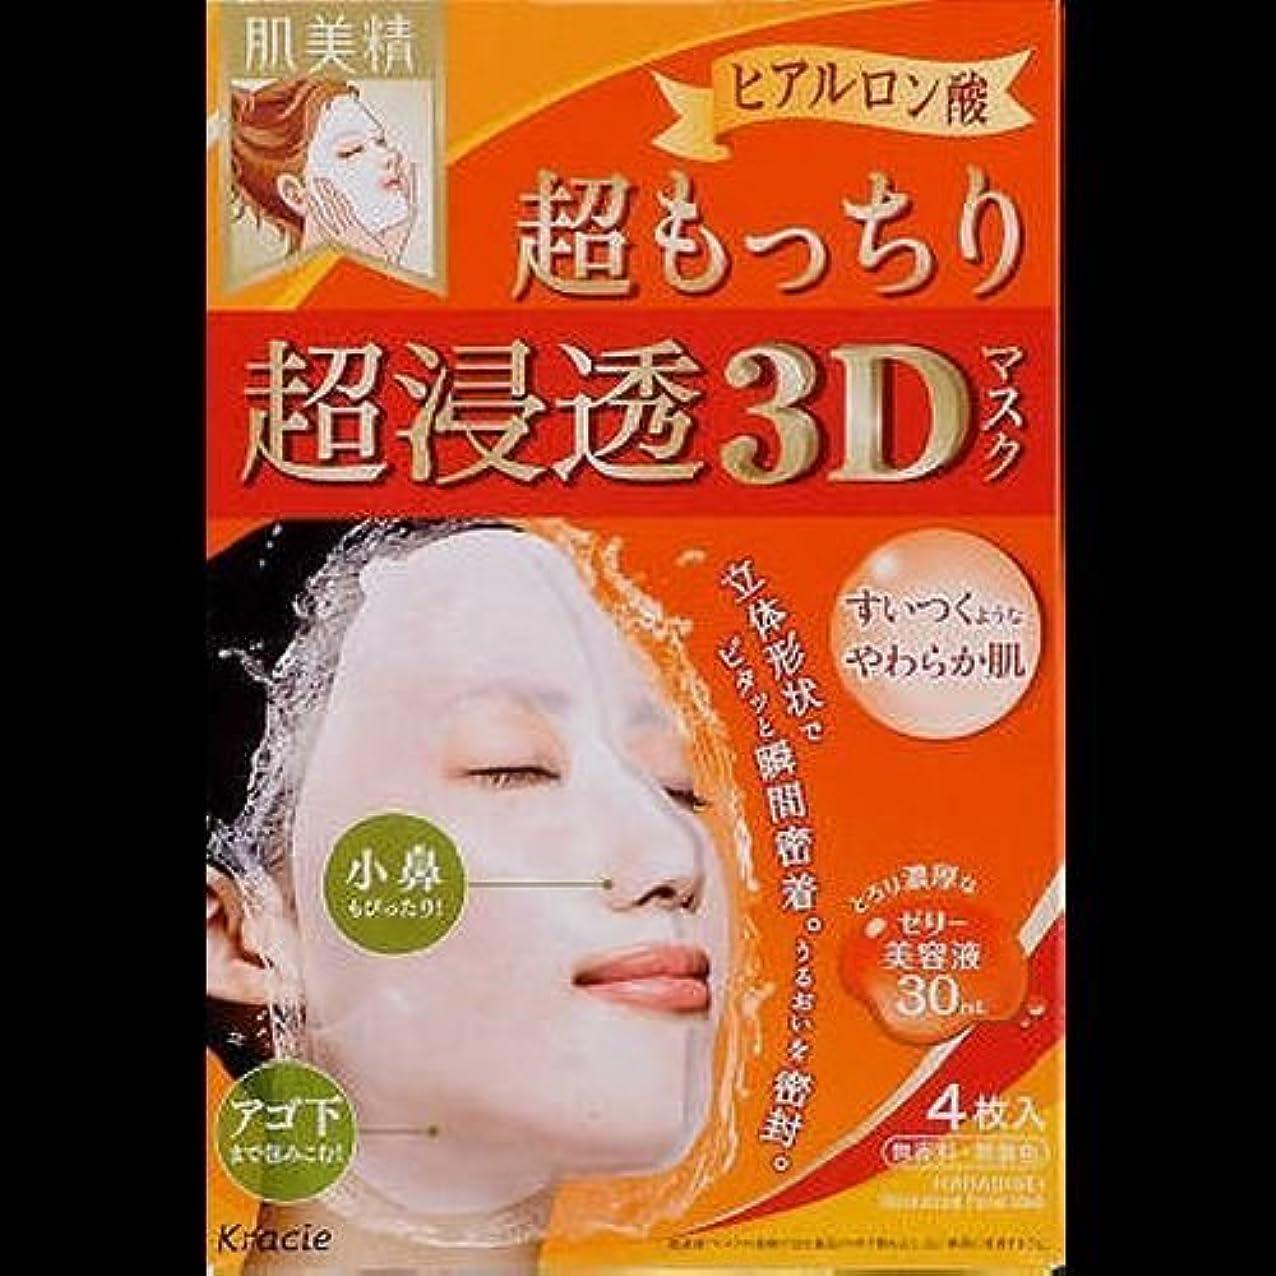 ひどく根絶する後方に【まとめ買い】肌美精 超浸透3Dマスク (超もっちり) 4枚 ×2セット